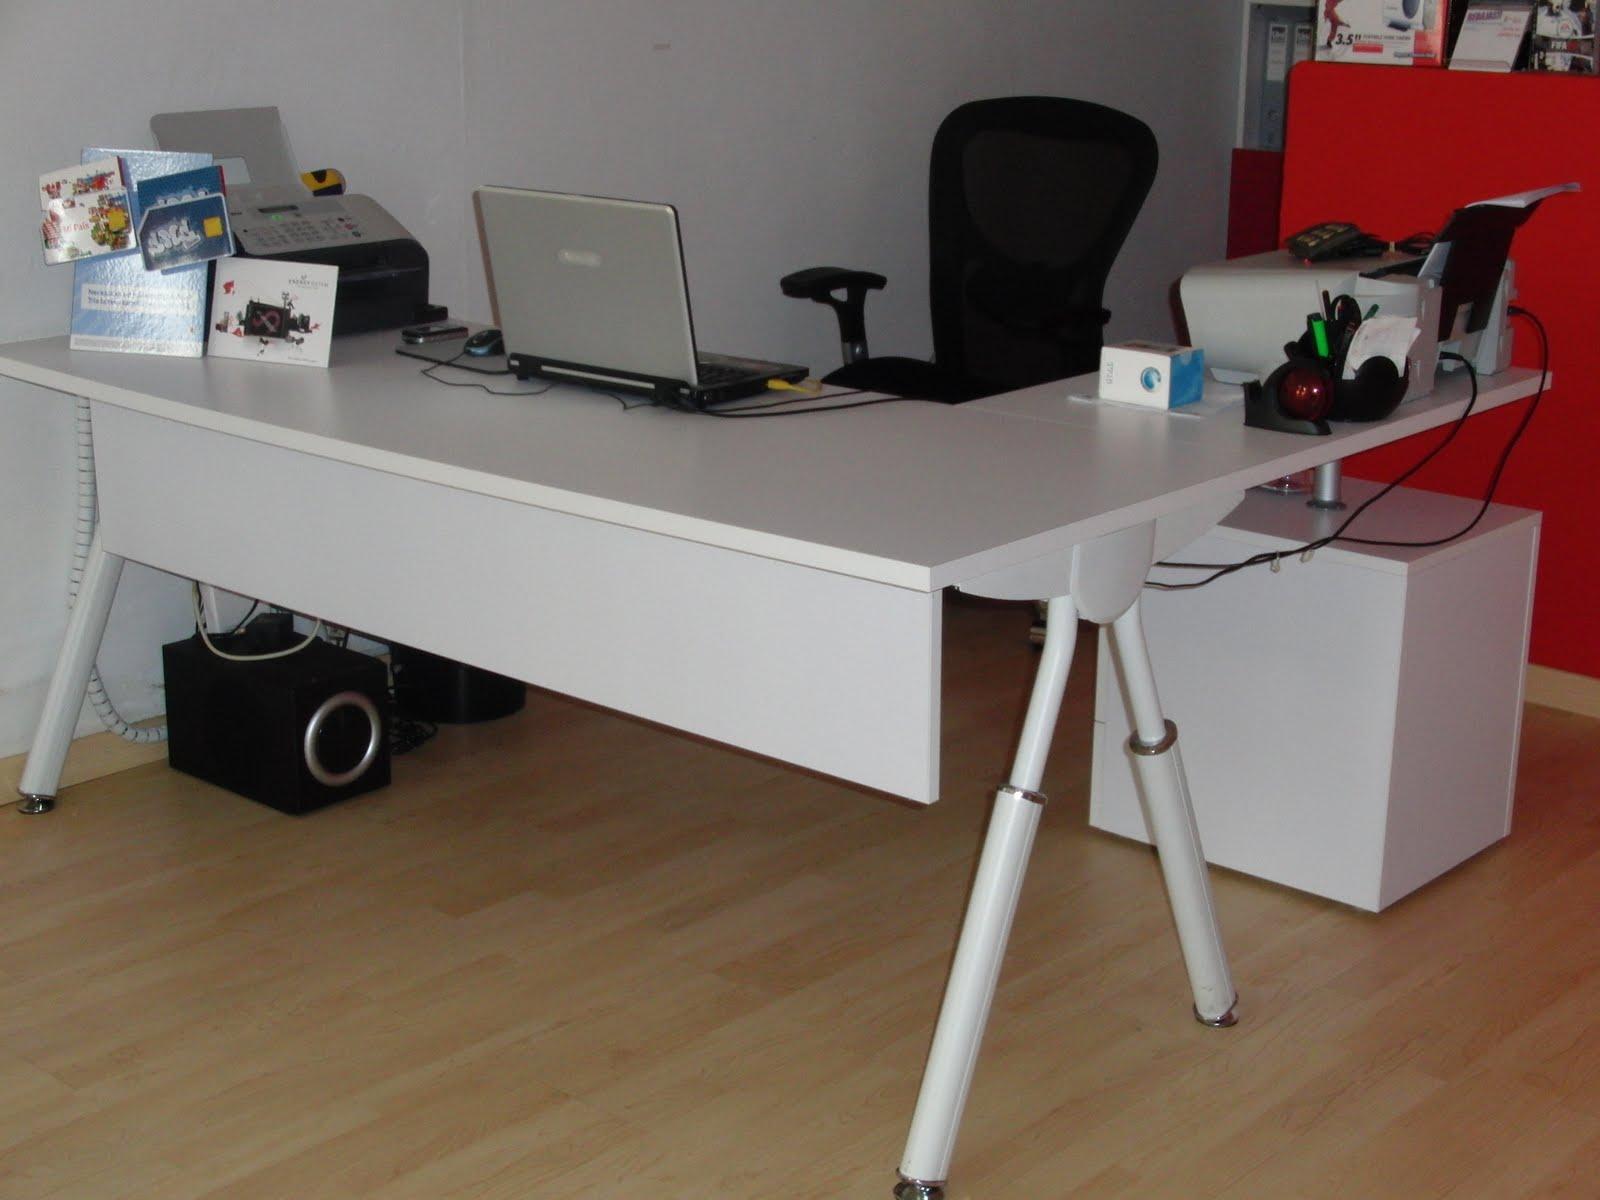 Outlet mobiliario mesa ordenador estudio for Mesa estudio